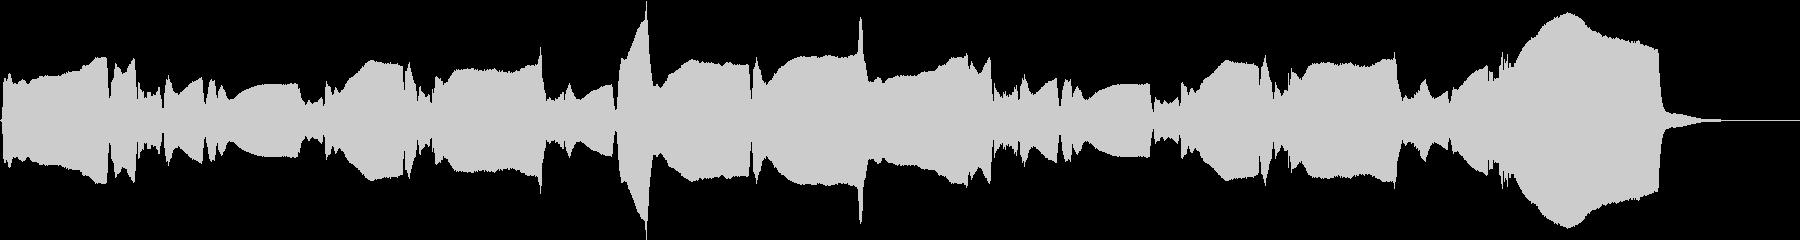 癒しを与えるクラリネットの音色の未再生の波形